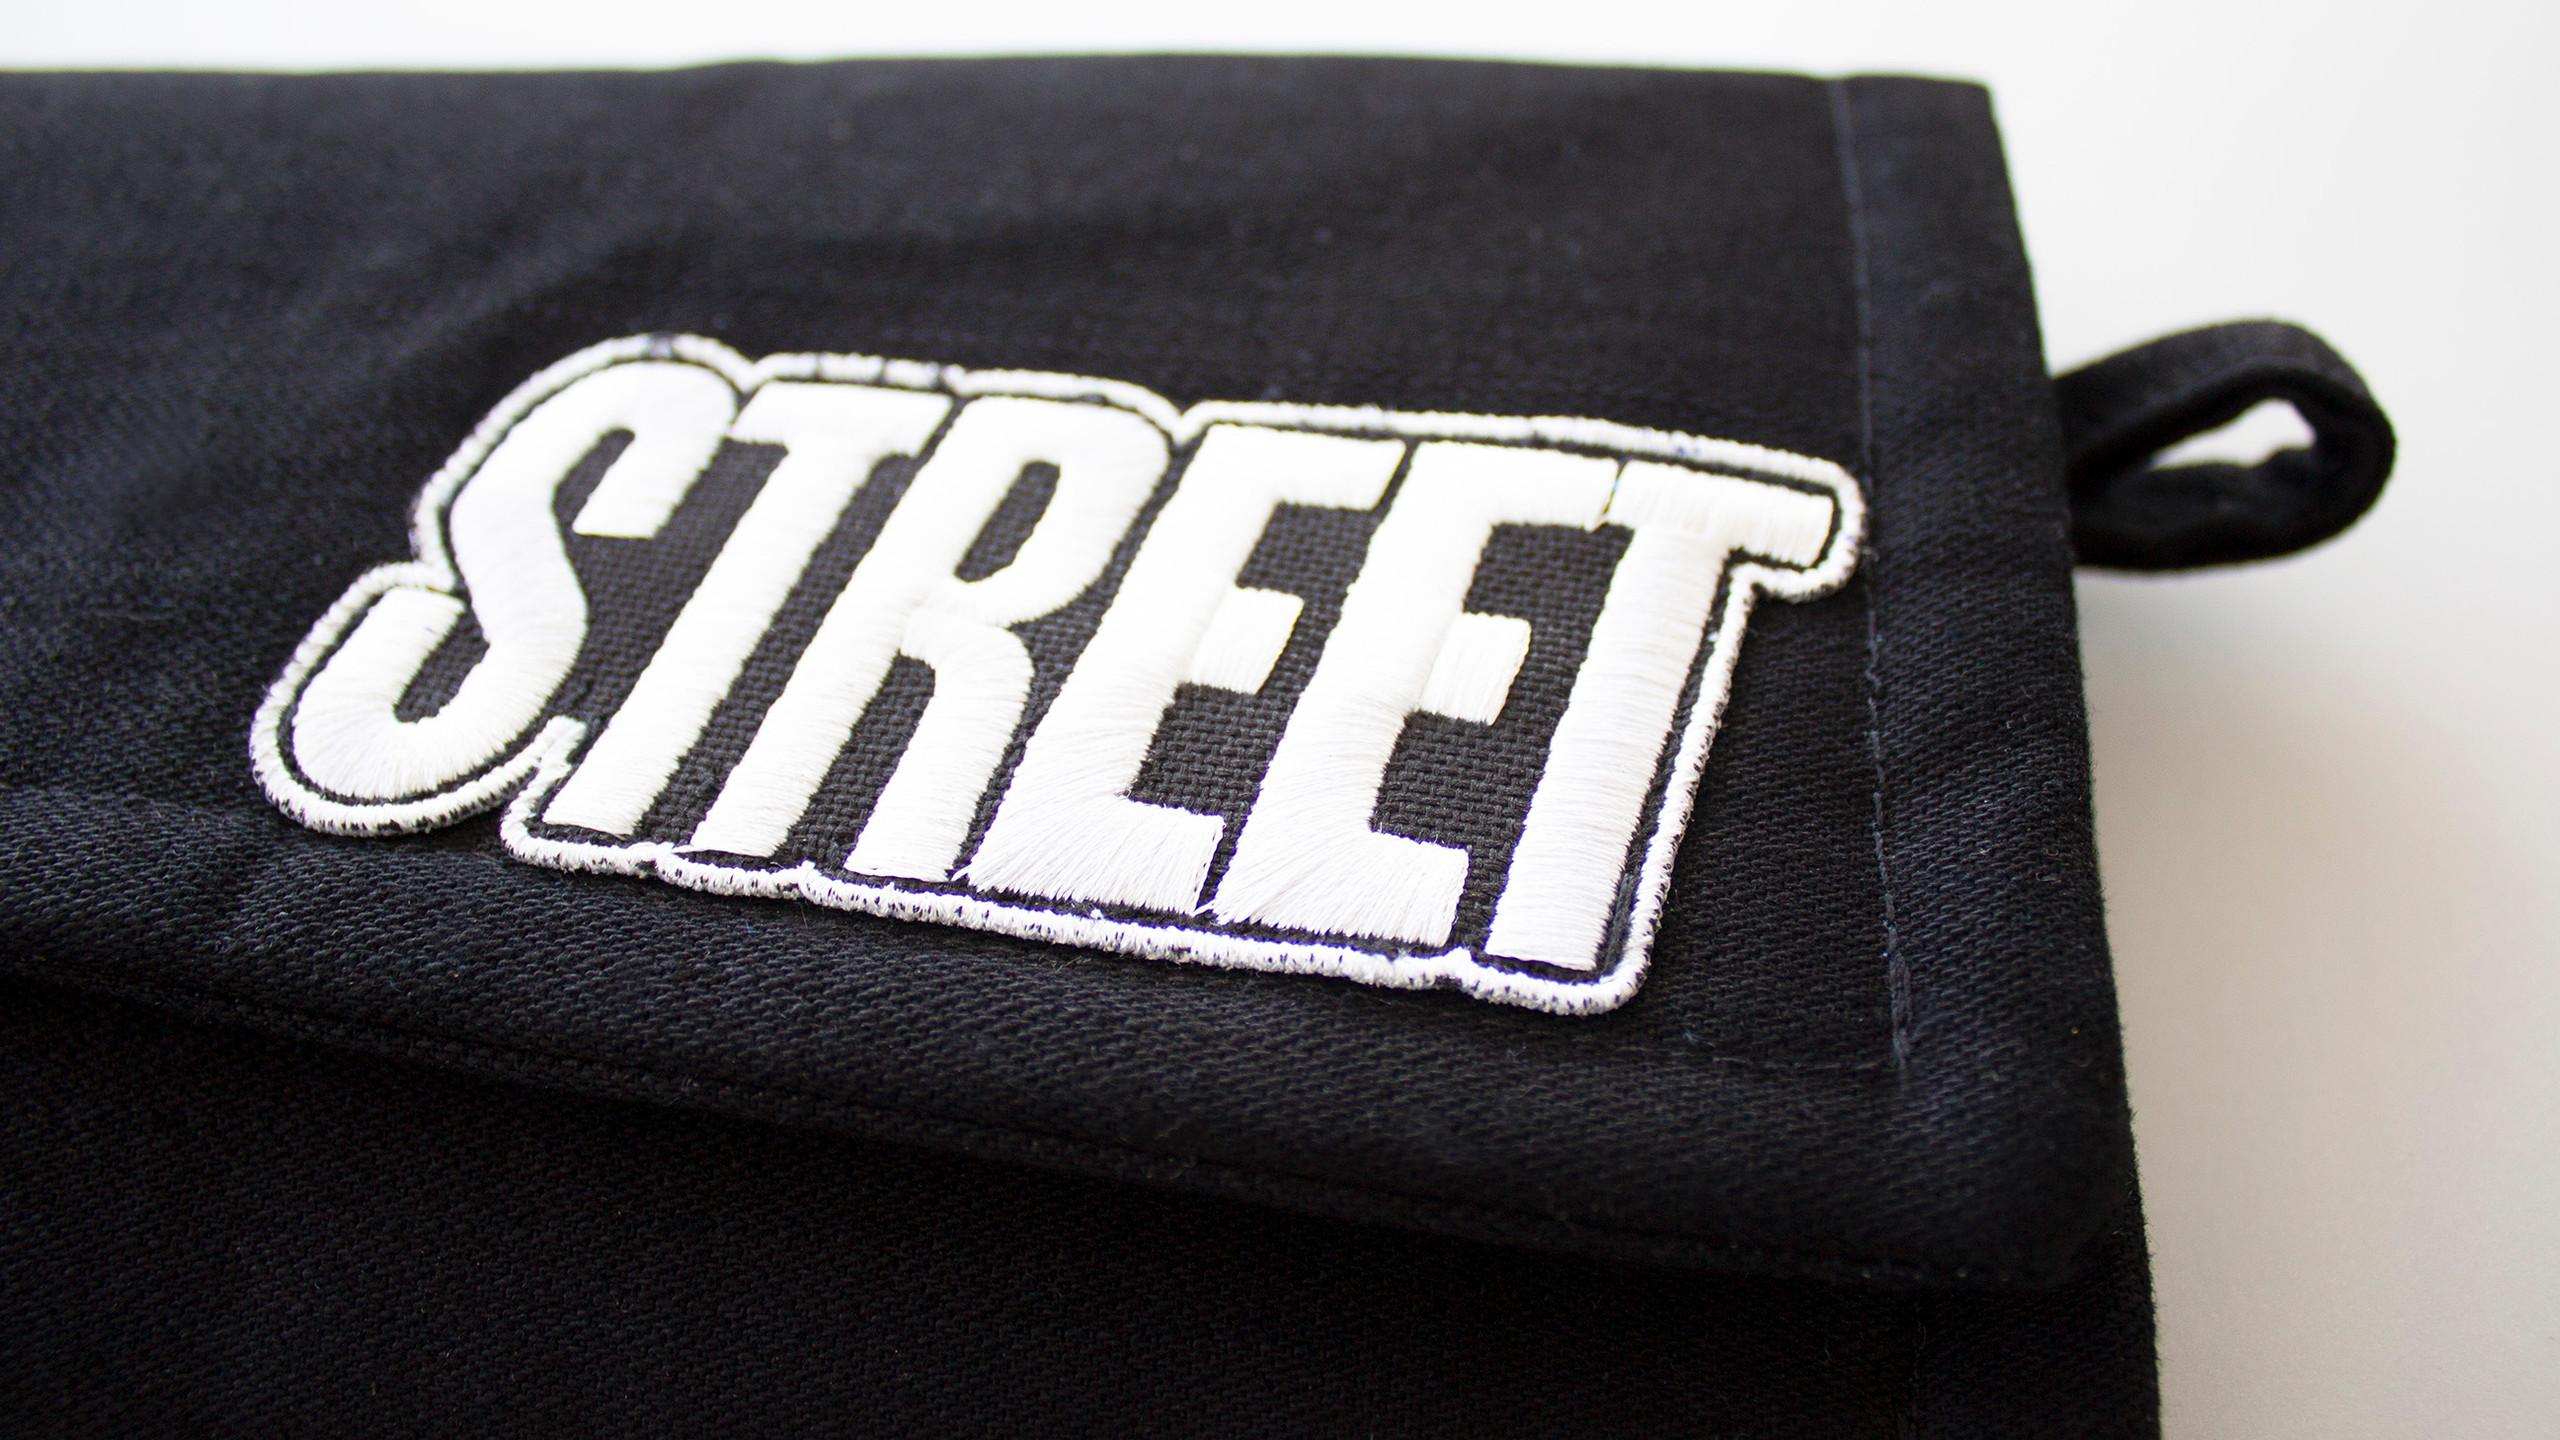 STREET clutchbag BADGE